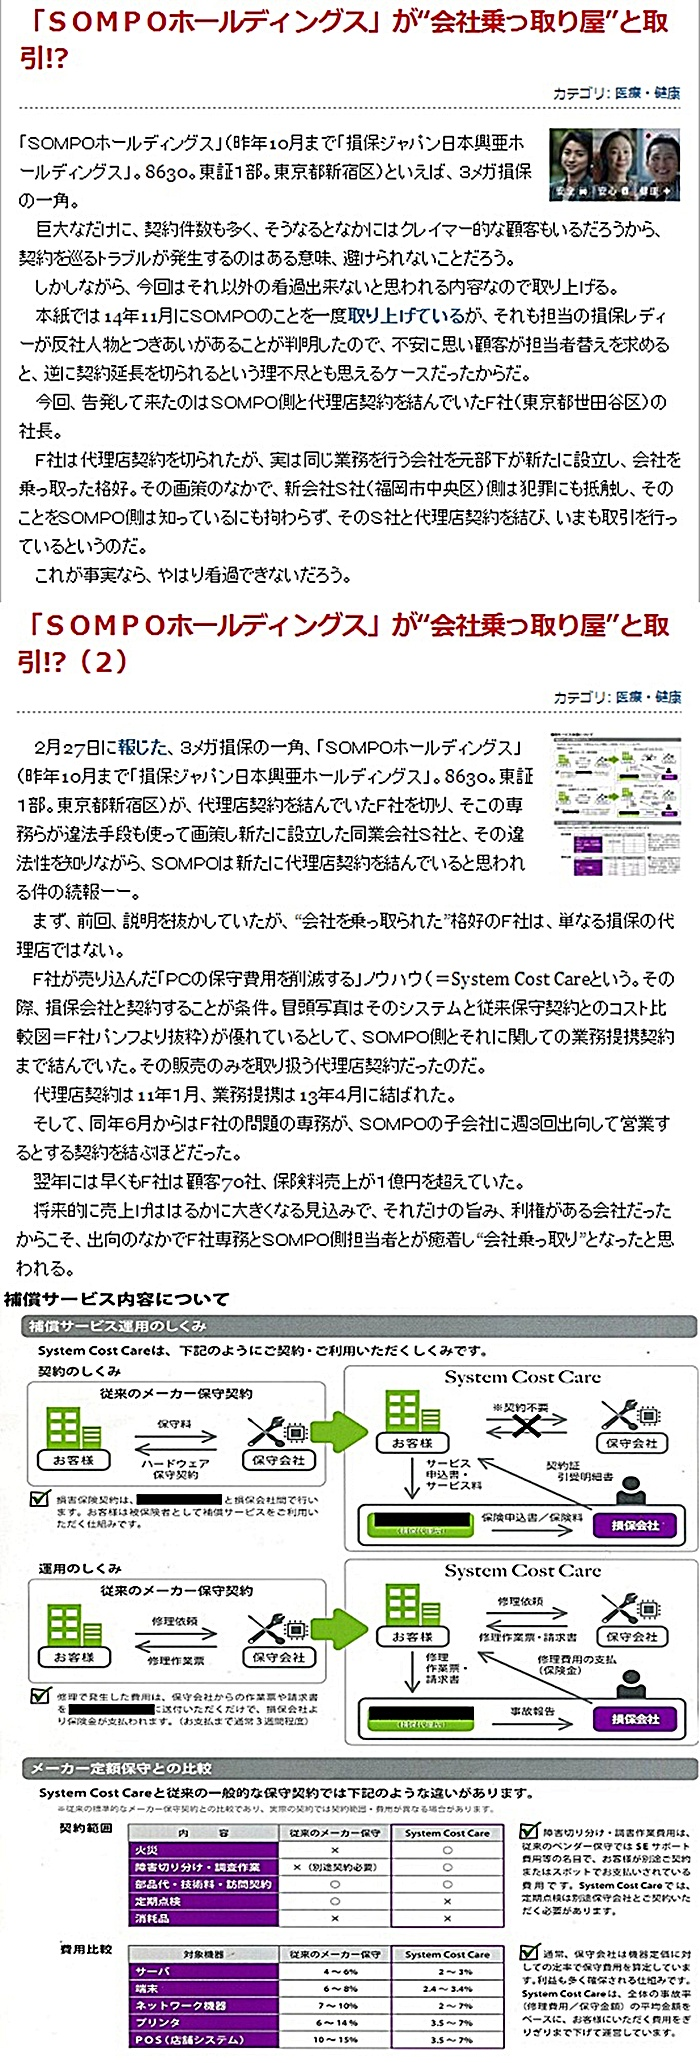 損保ジャパン日本興亜 会社乗っ取り